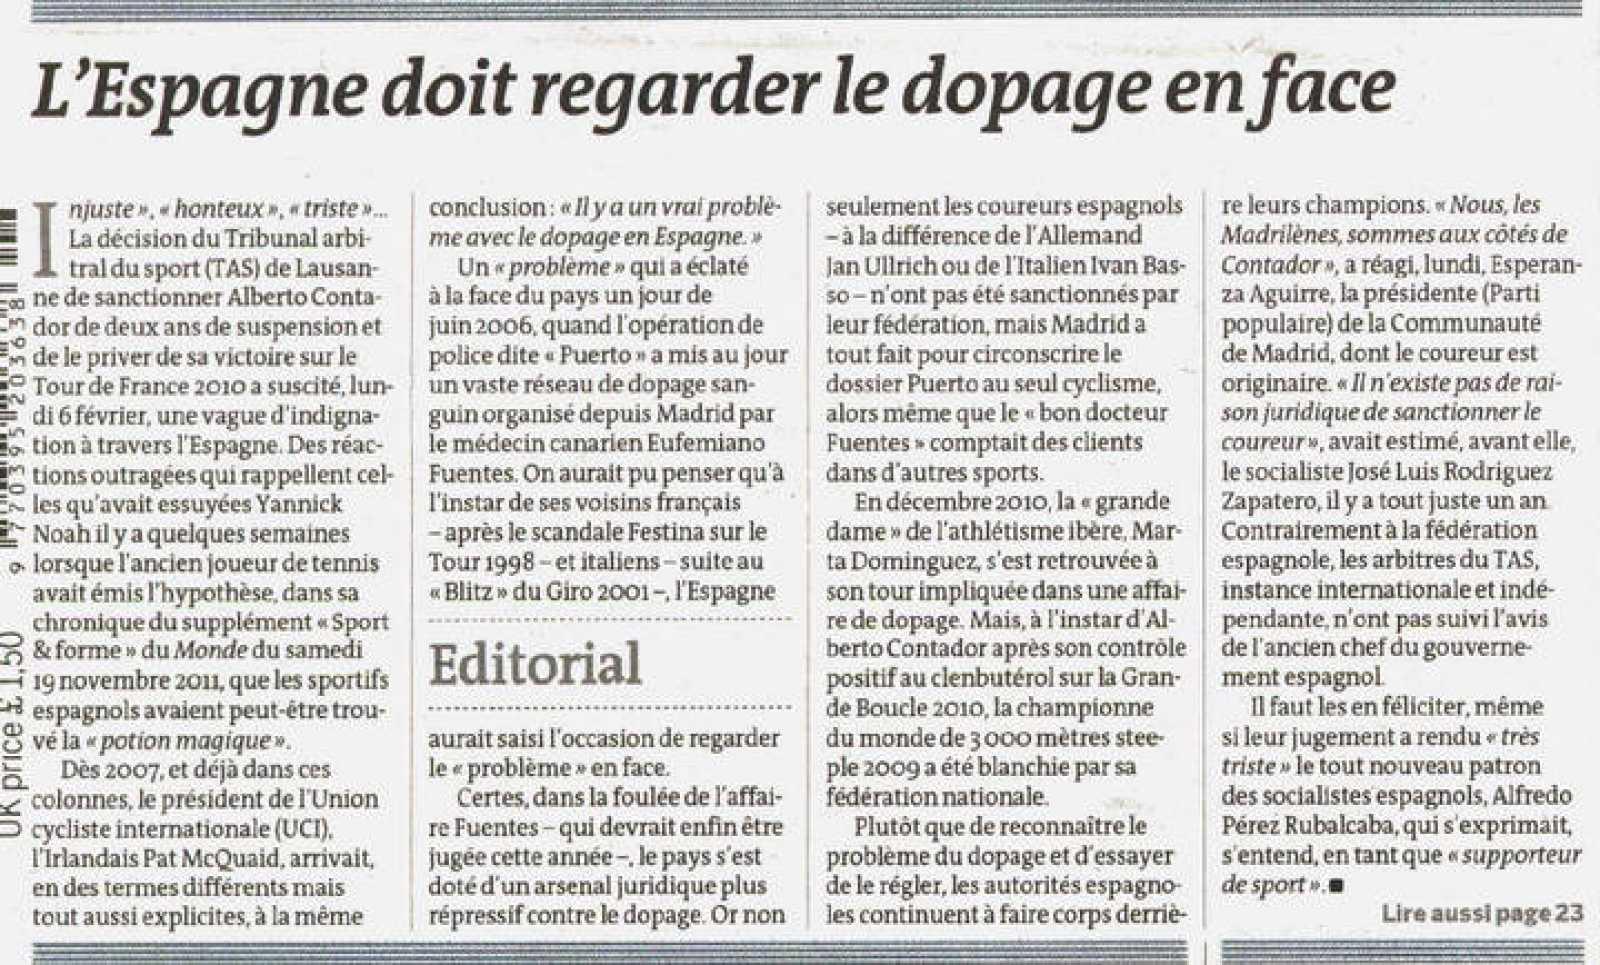 """Texto del editorial publicado por Le Monde en su portada del 8 de febrero de 2012: """"España debe mirar de frente al dopaje"""""""